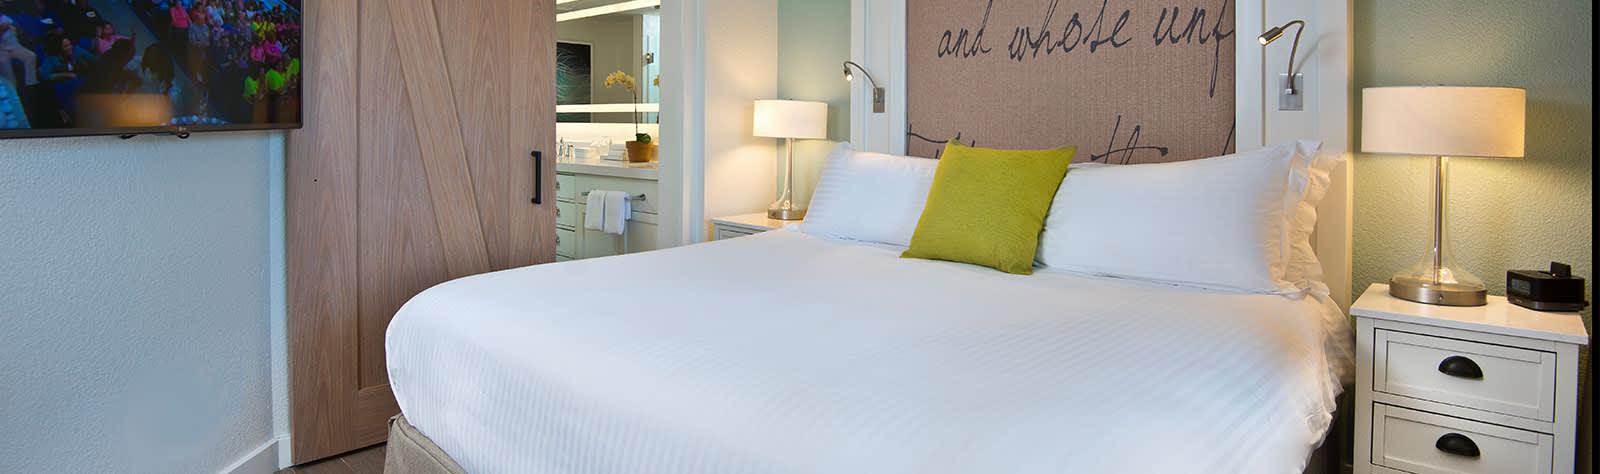 Beach House Suites, Florida - King Suites